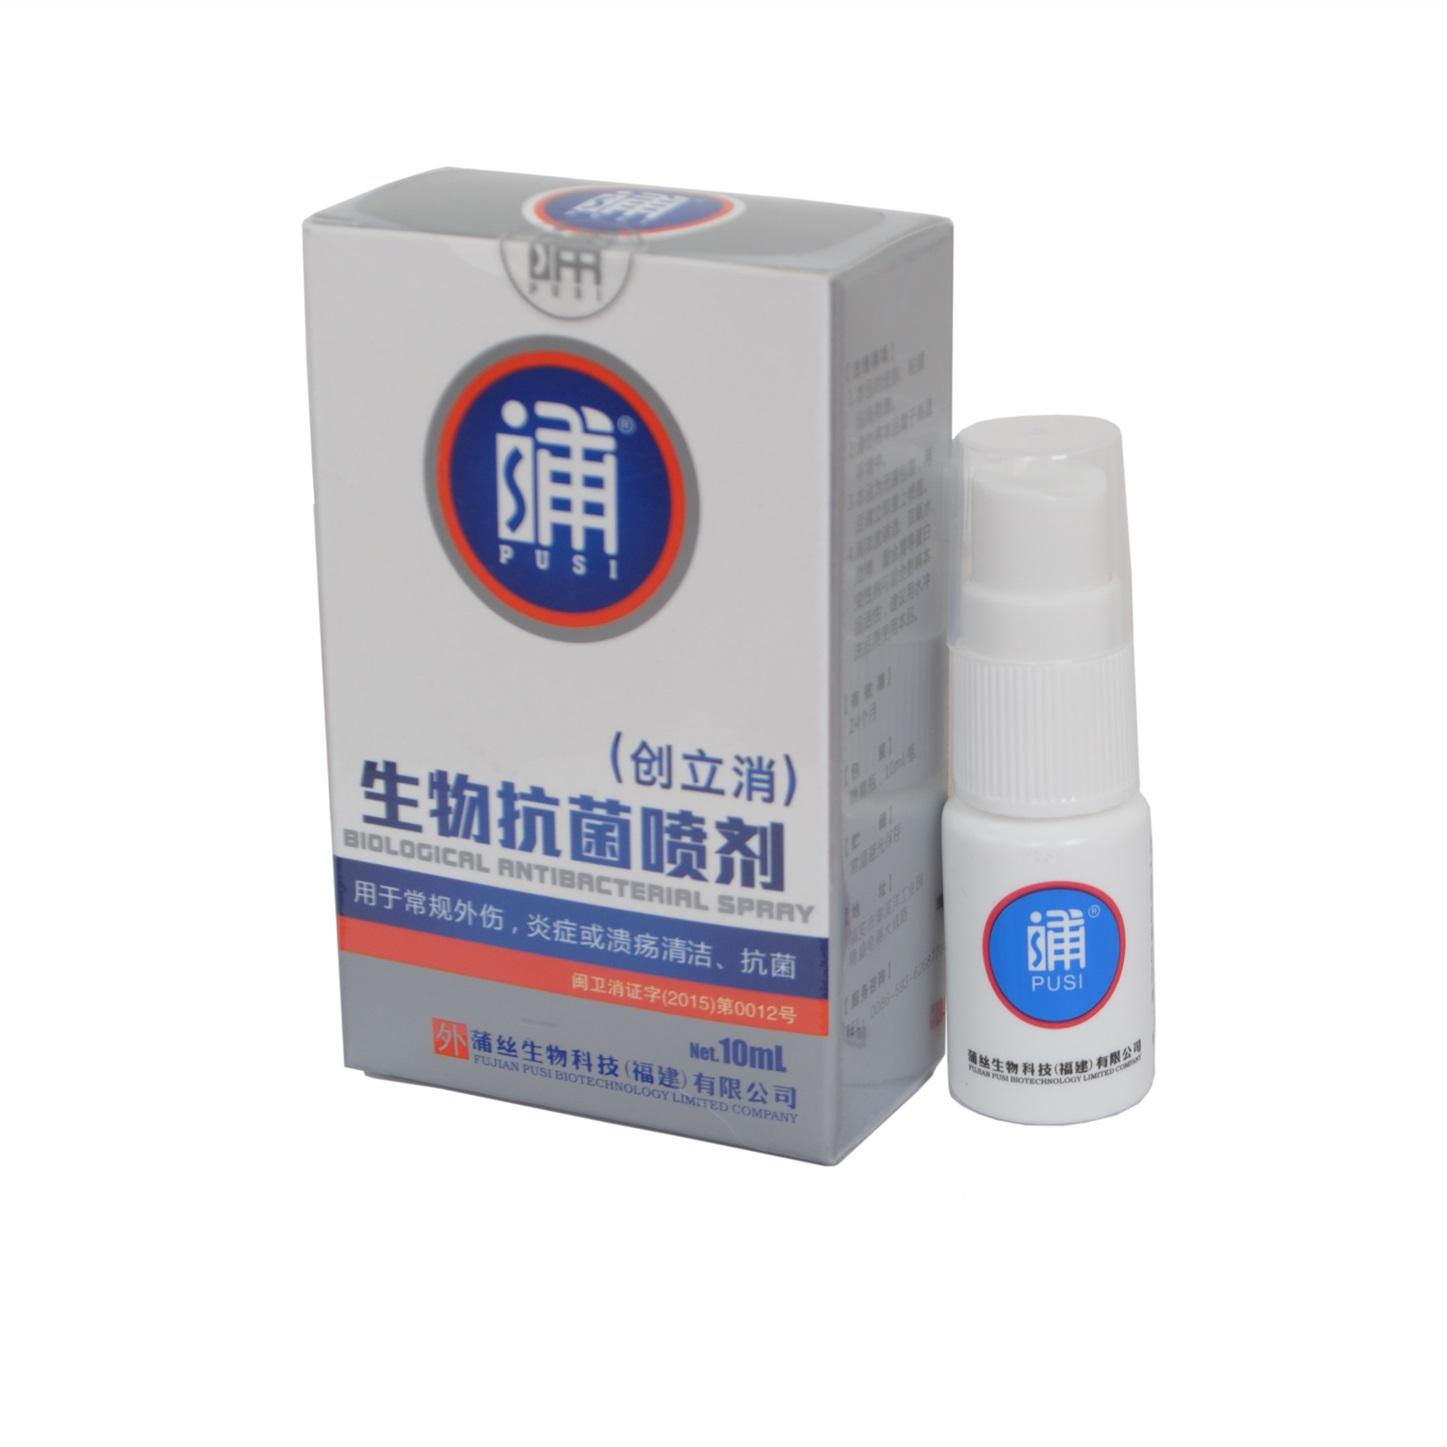 生物抗菌噴劑